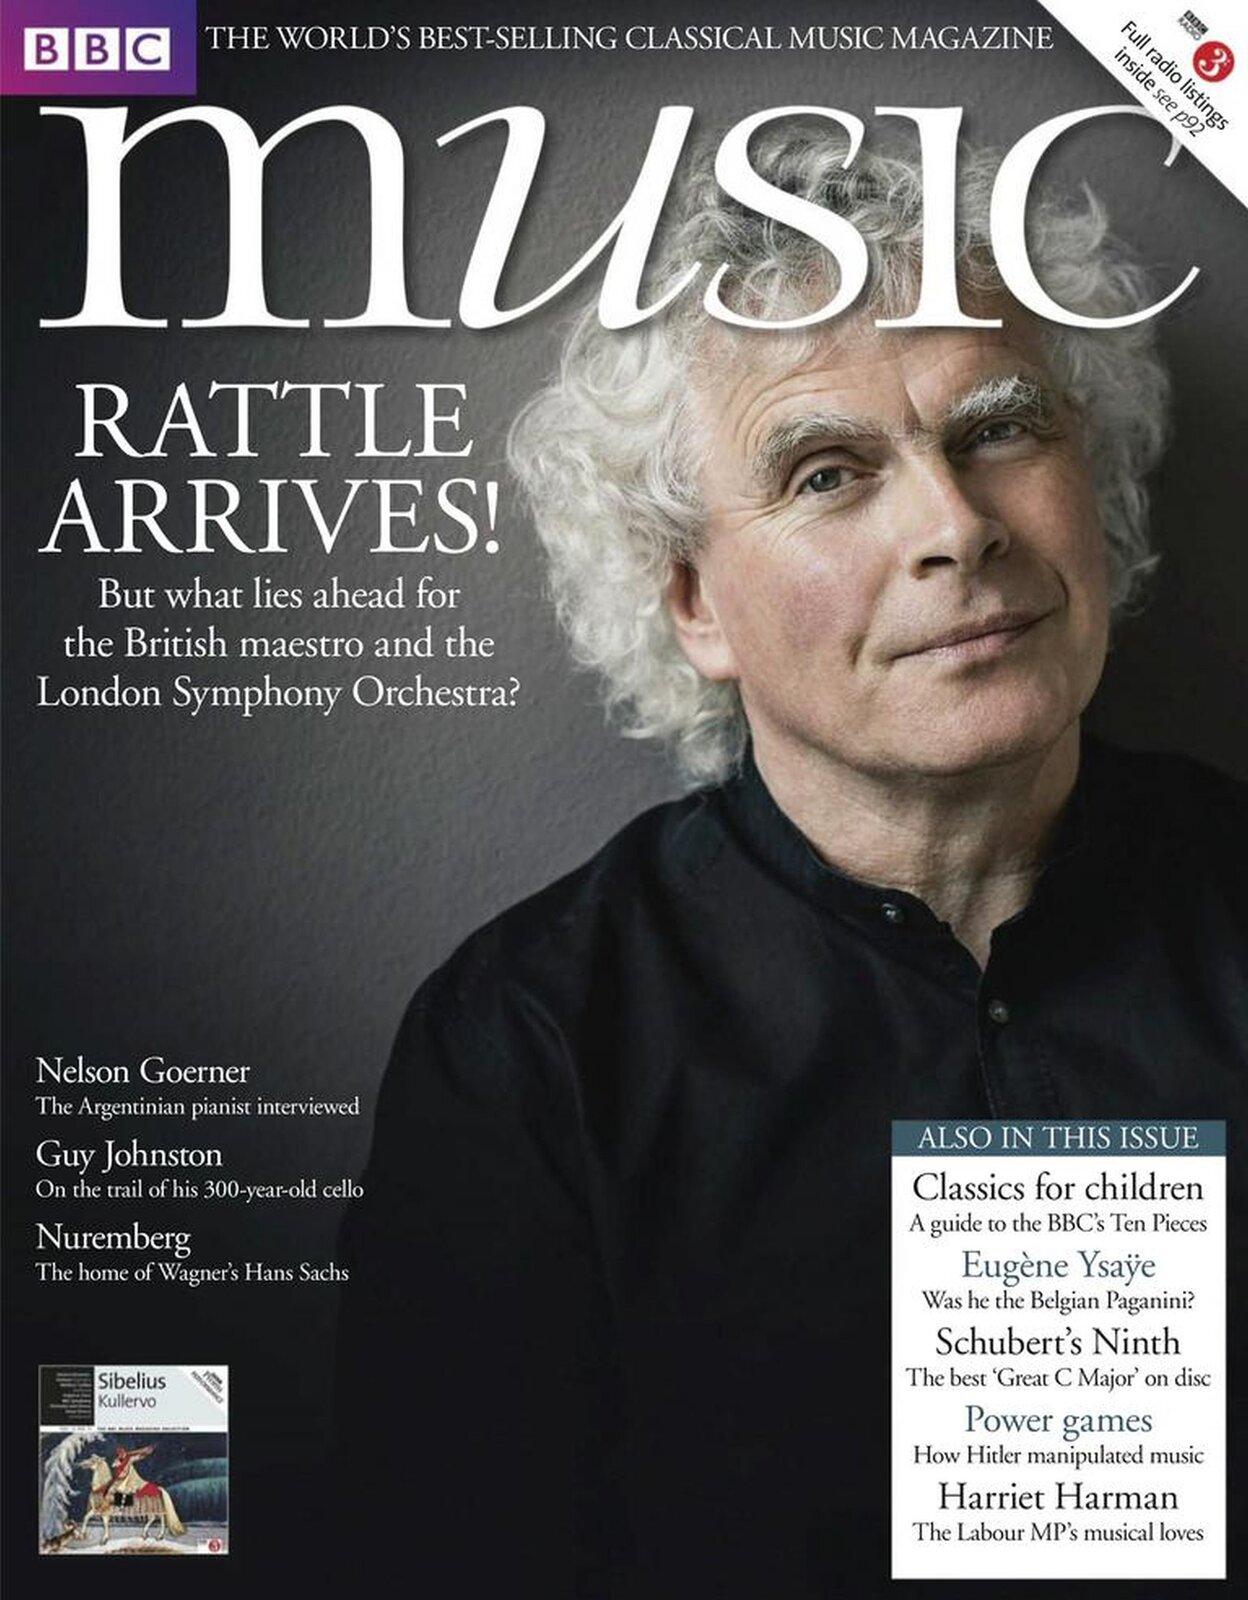 """Ilustracja przedstawia okładkę czasopisma muzycznego """"BBC Music Magazine"""". Na okładce znajduje się mężczyzna wśrednim wieku. Ma lekko uśmiechniętą twarz, włosy dłuższe, lokowane, siwe. Ubrany jest wczarną koszulę."""